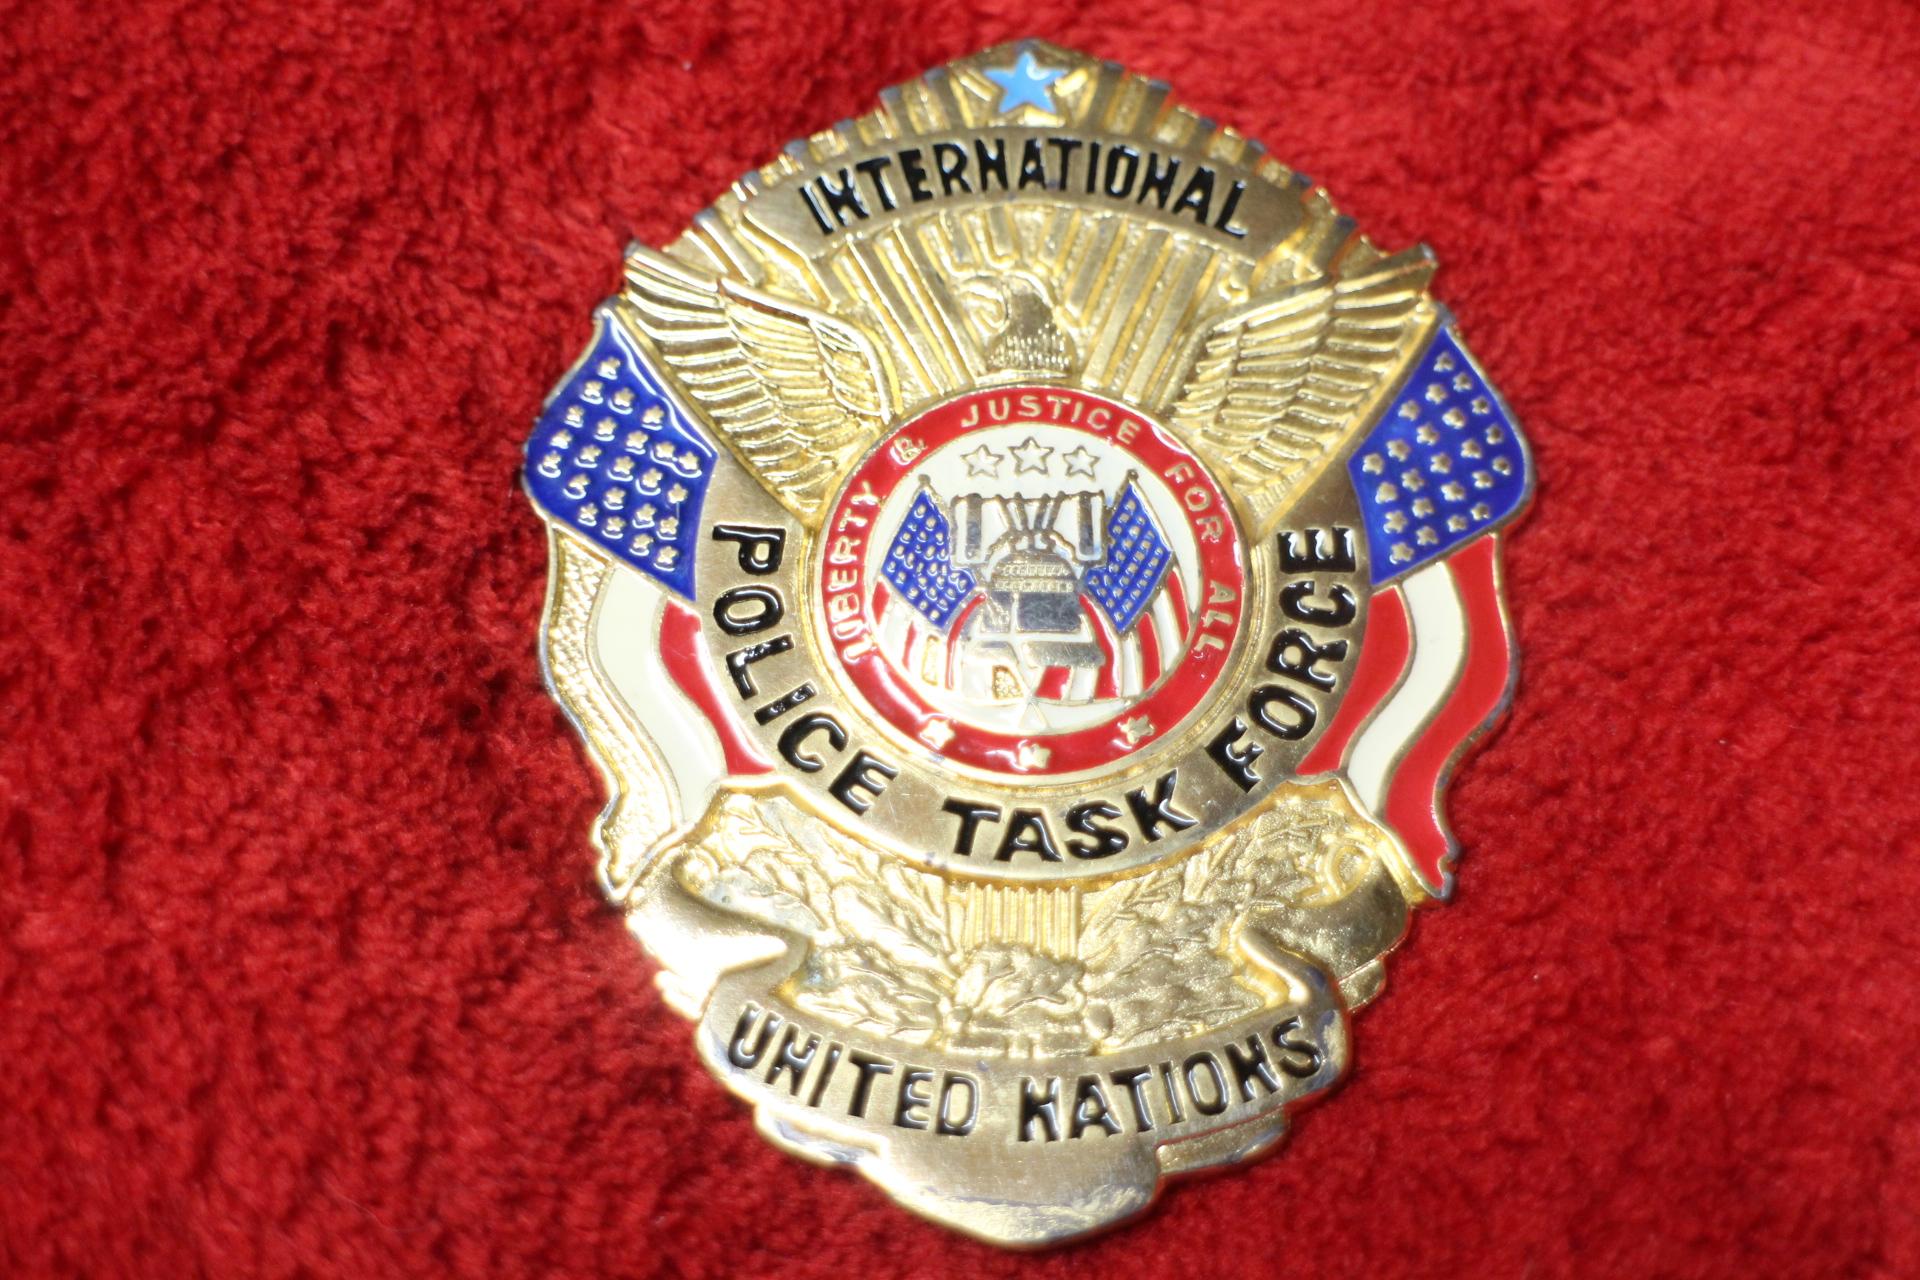 international police task force badge united nations. Black Bedroom Furniture Sets. Home Design Ideas